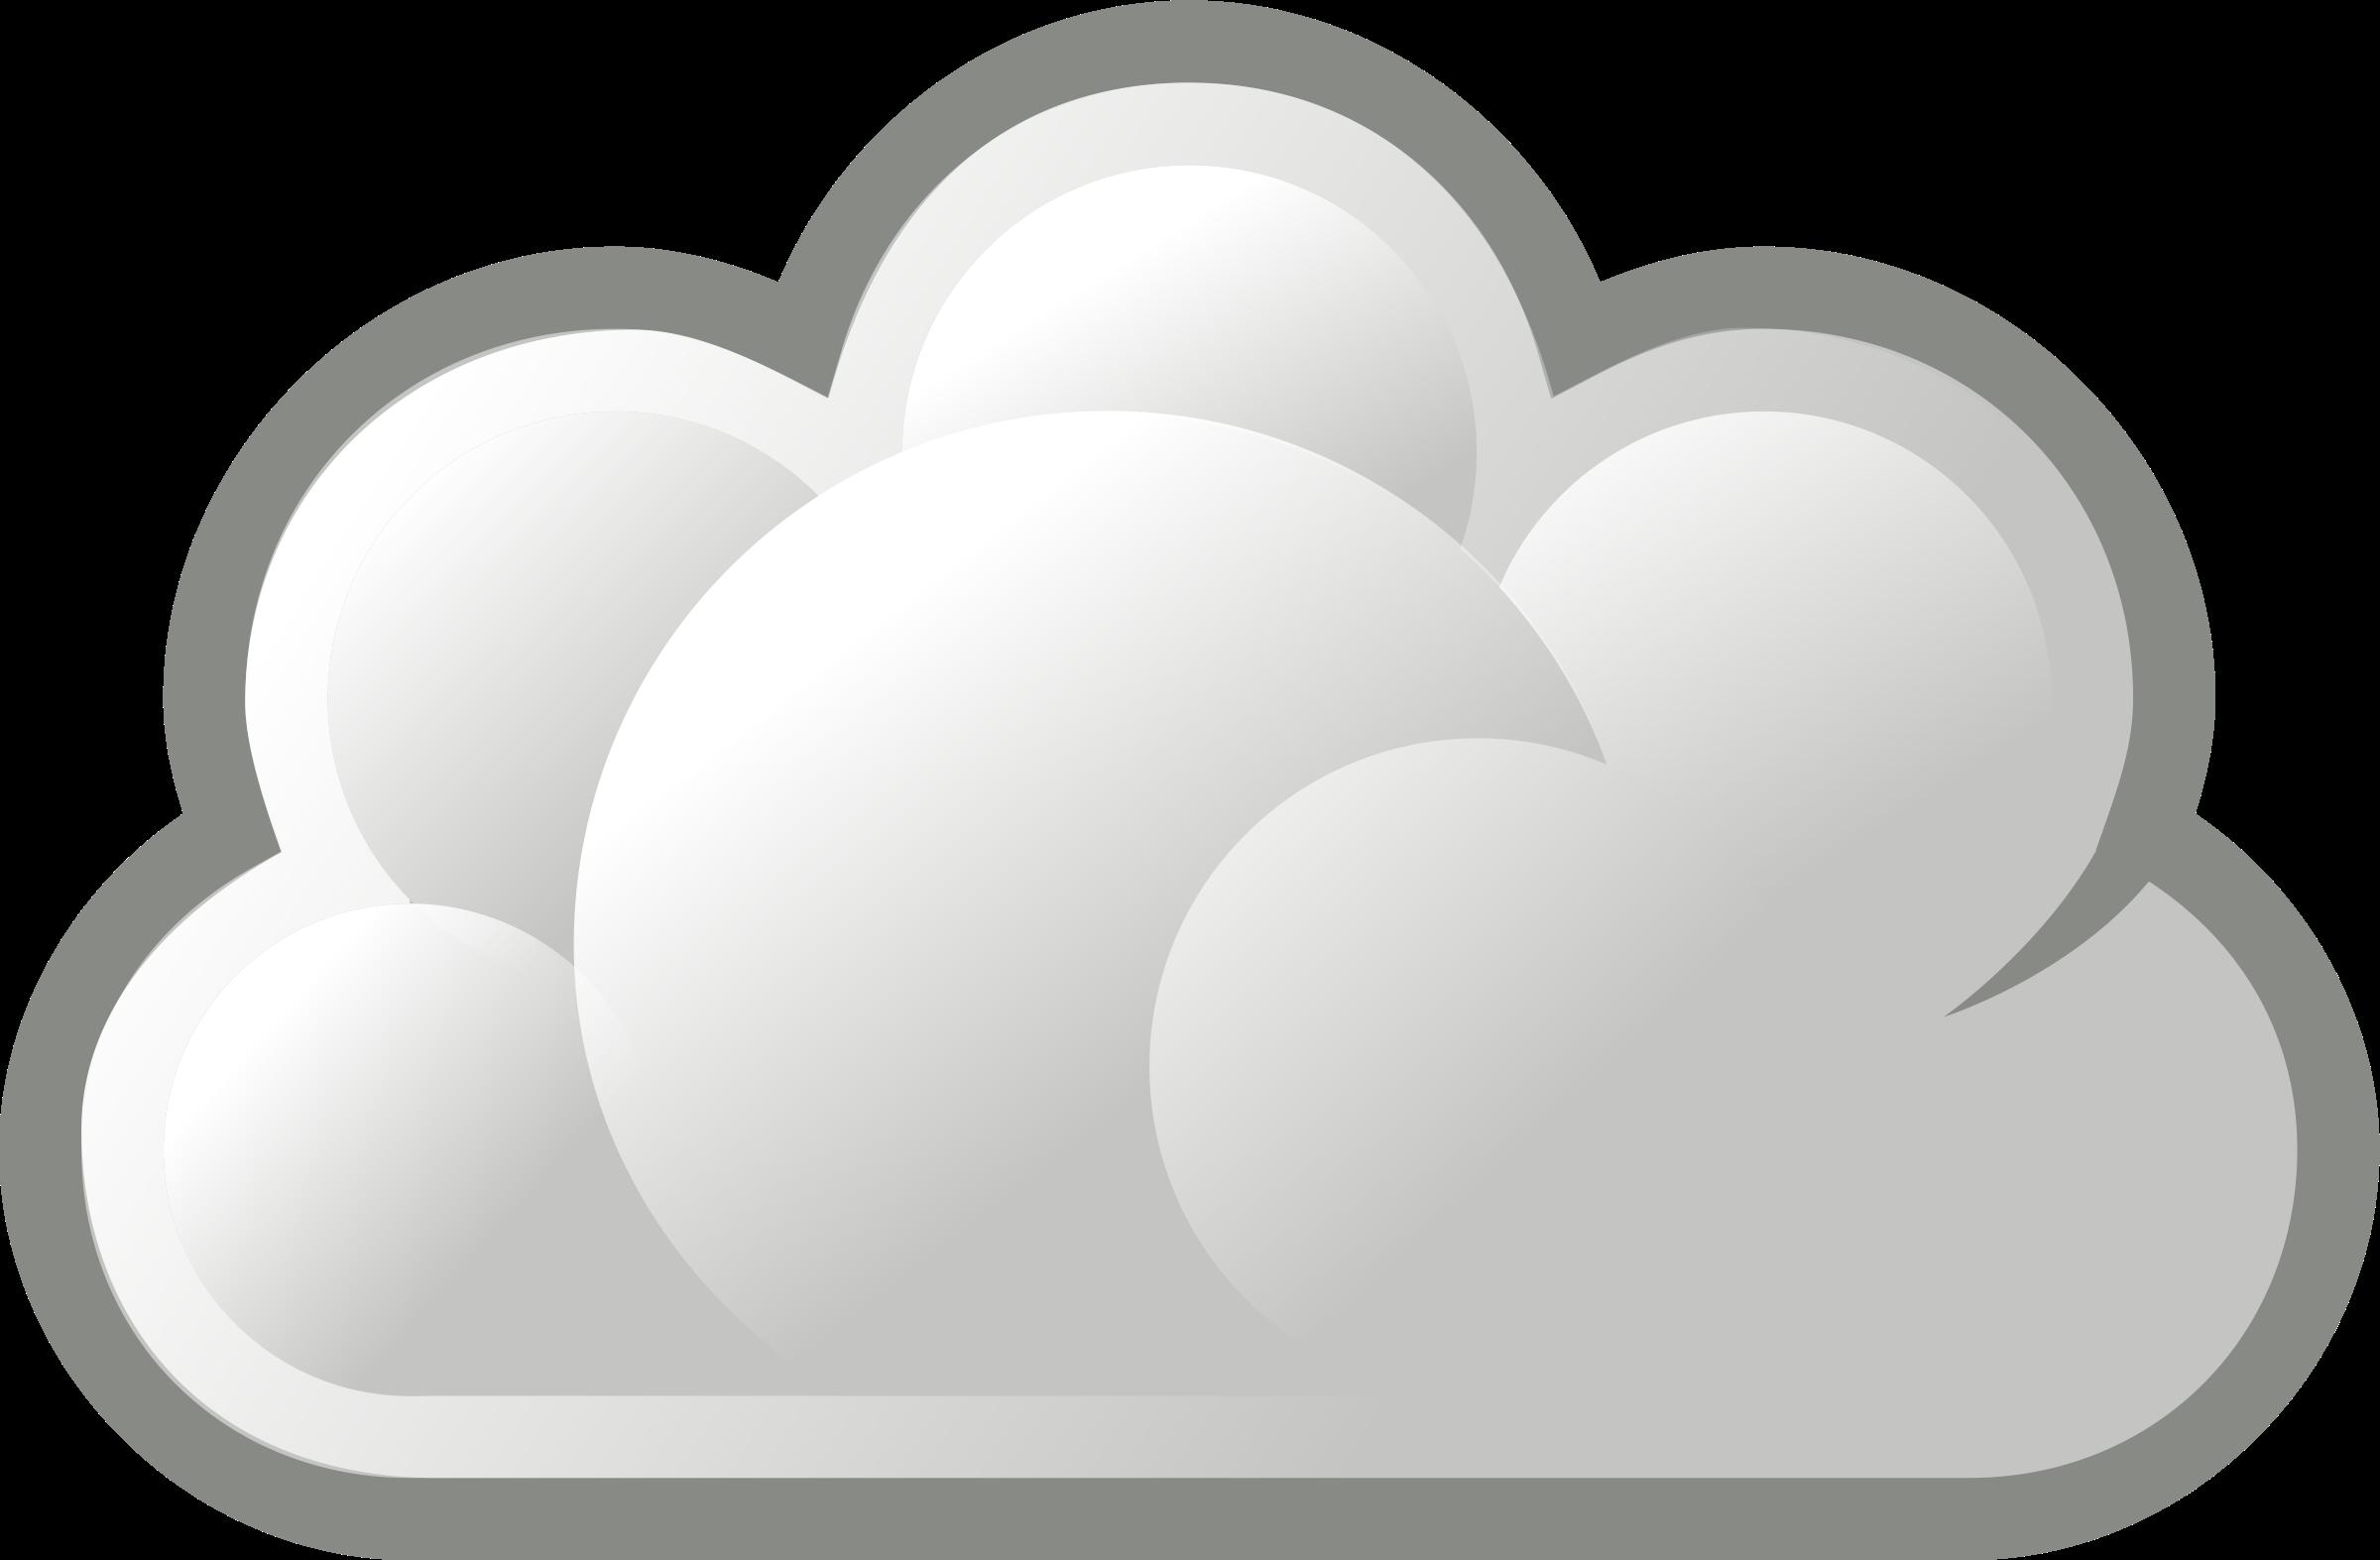 Cloud Clip Art Clipart - stylized basic cloud